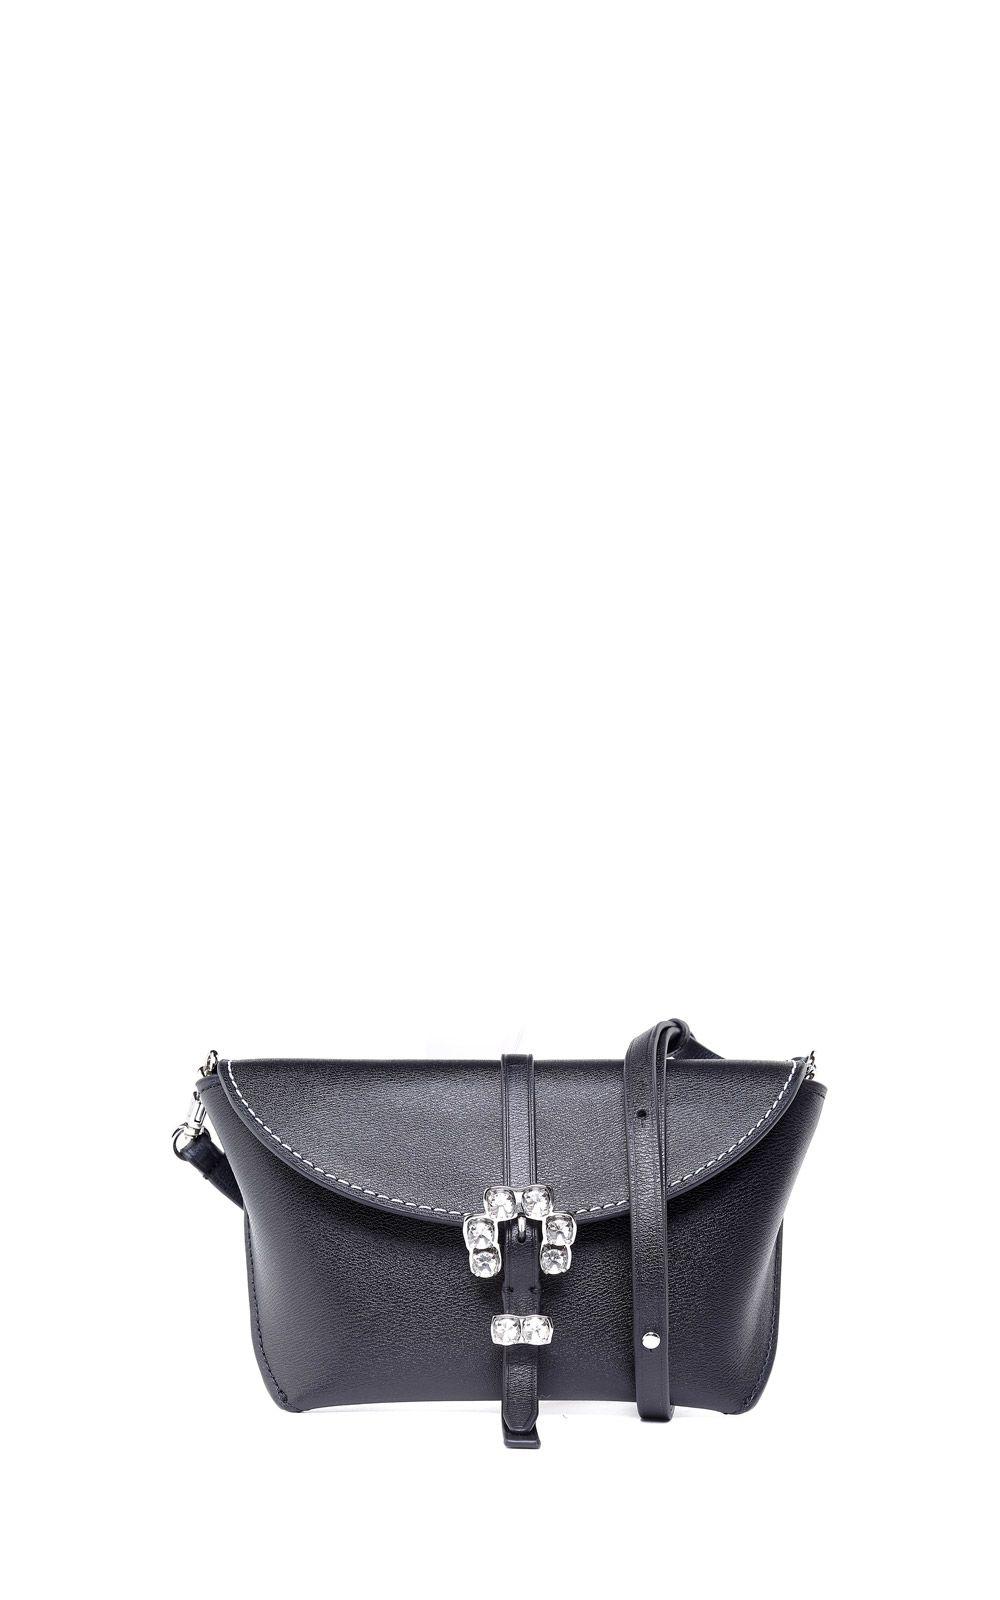 3.1 Phillip Lim Hudson Crystal-embellished Leather Cross-body Bag